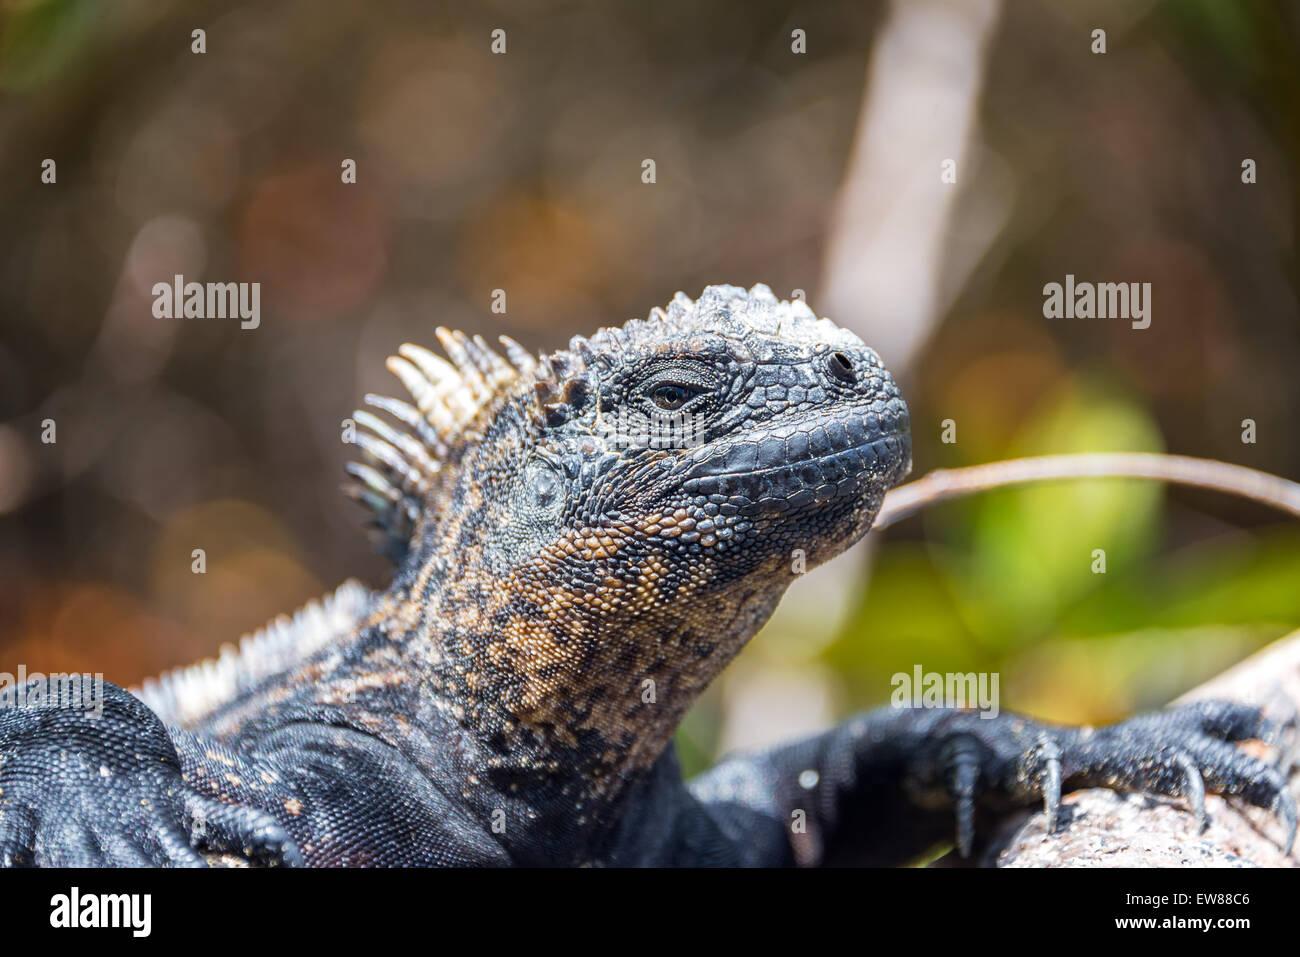 Marine iguana relaxing on Isabela Island in the Galapagos - Stock Image